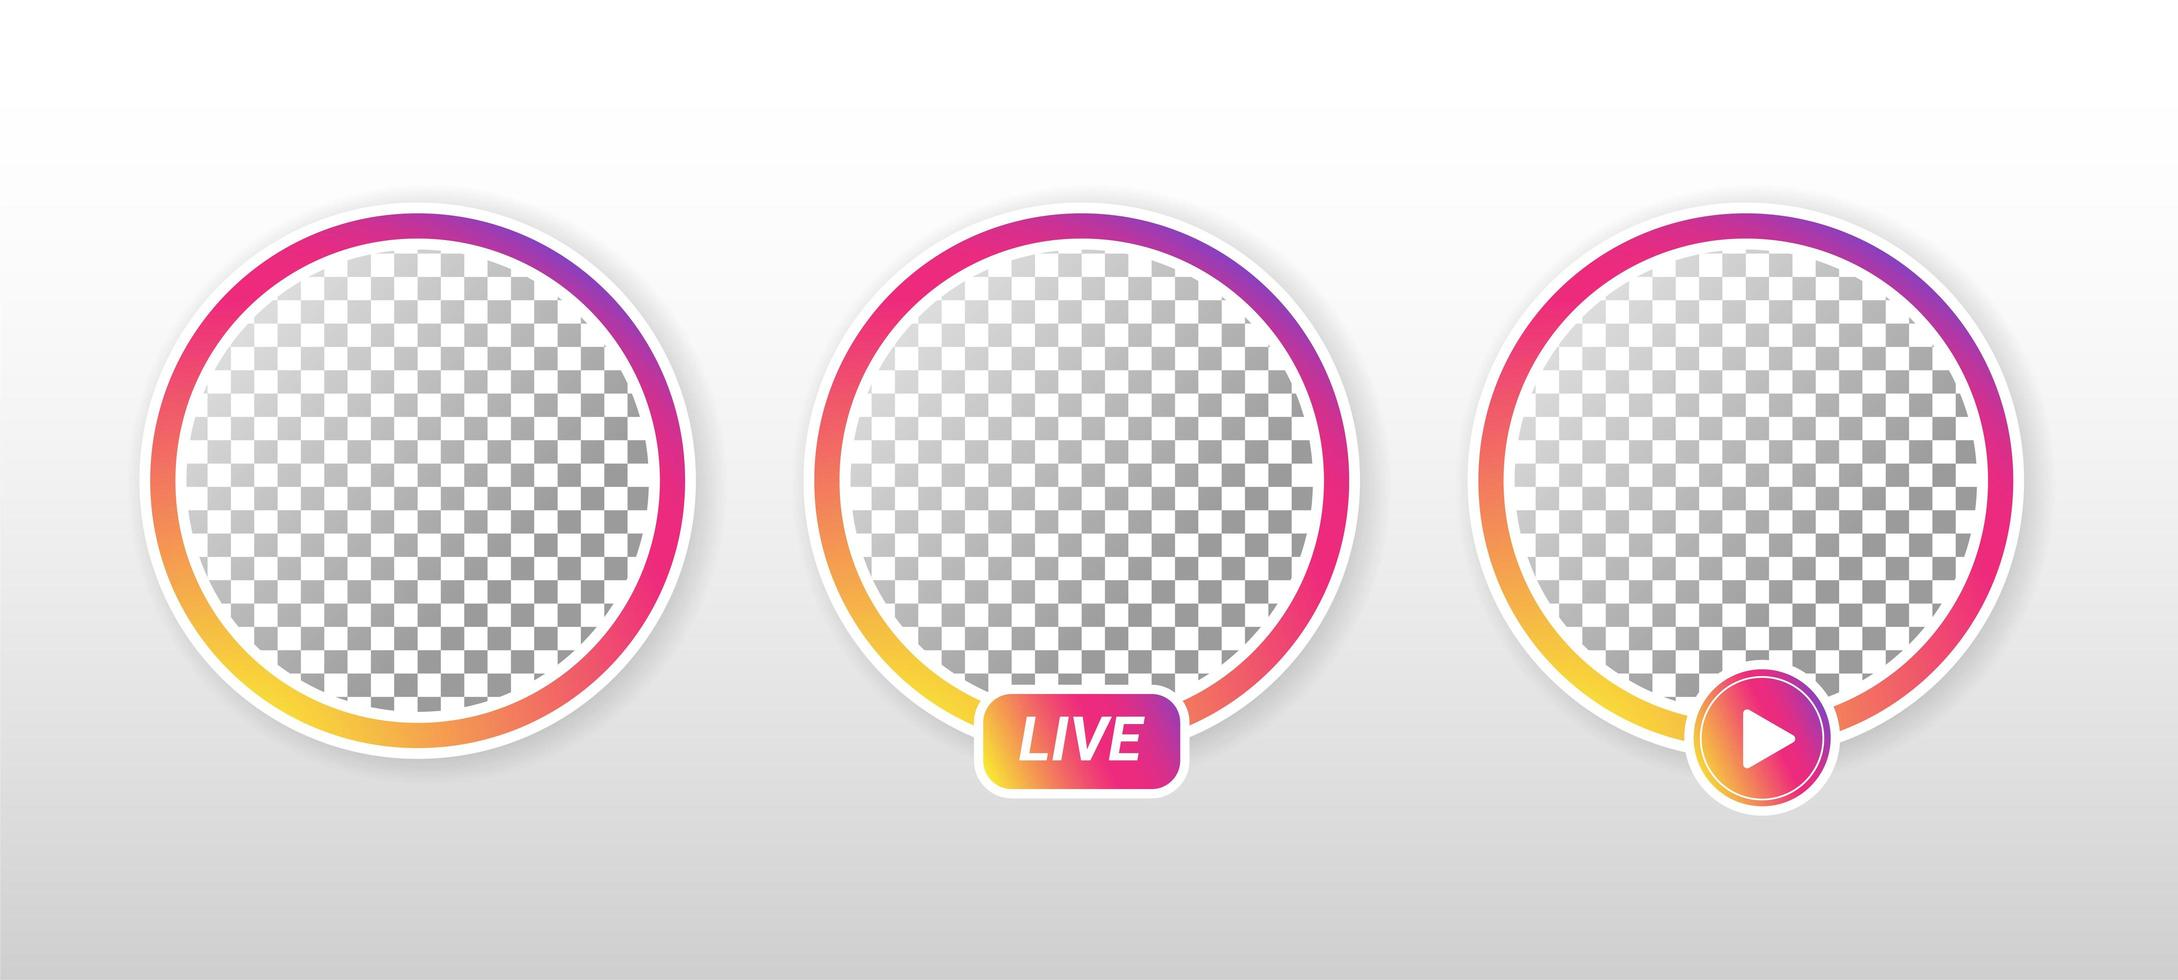 círculo gradiente ao vivo nas mídias sociais. vetor